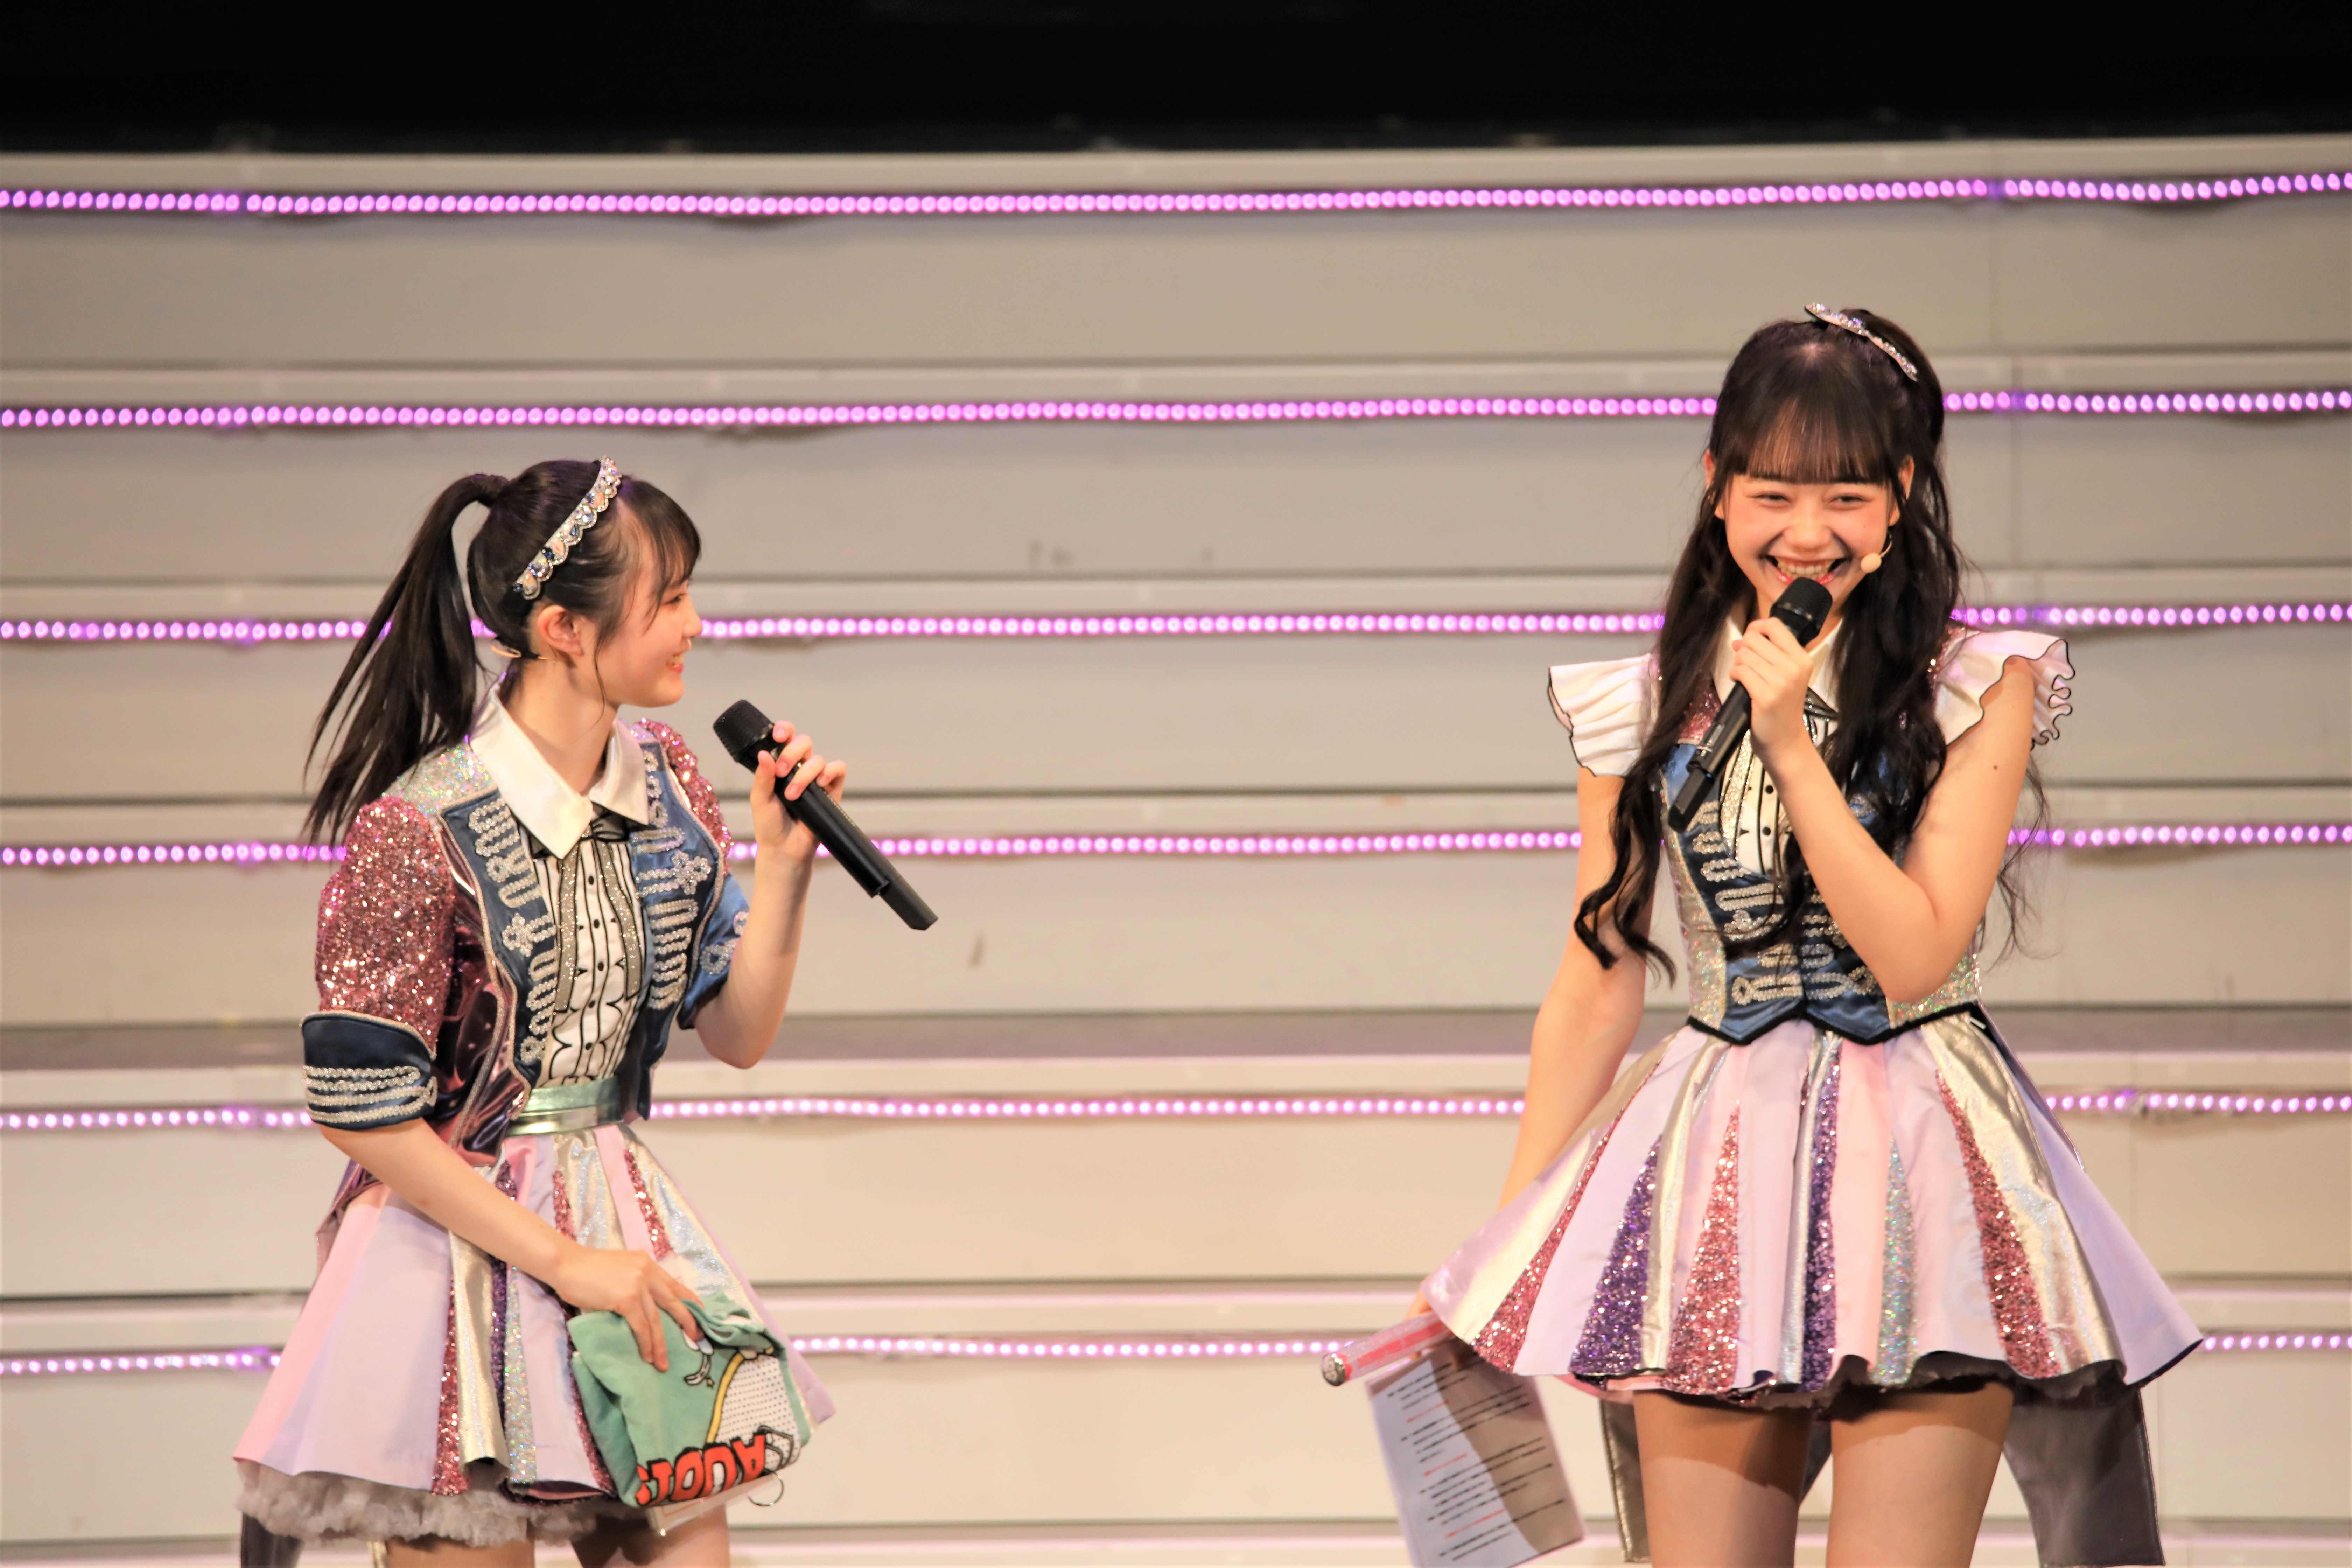 齋藤陽菜と大盛真歩  ©AKB48 THE AUDISHOW製作委員会  無断アップロード及び転送は一切禁止です。